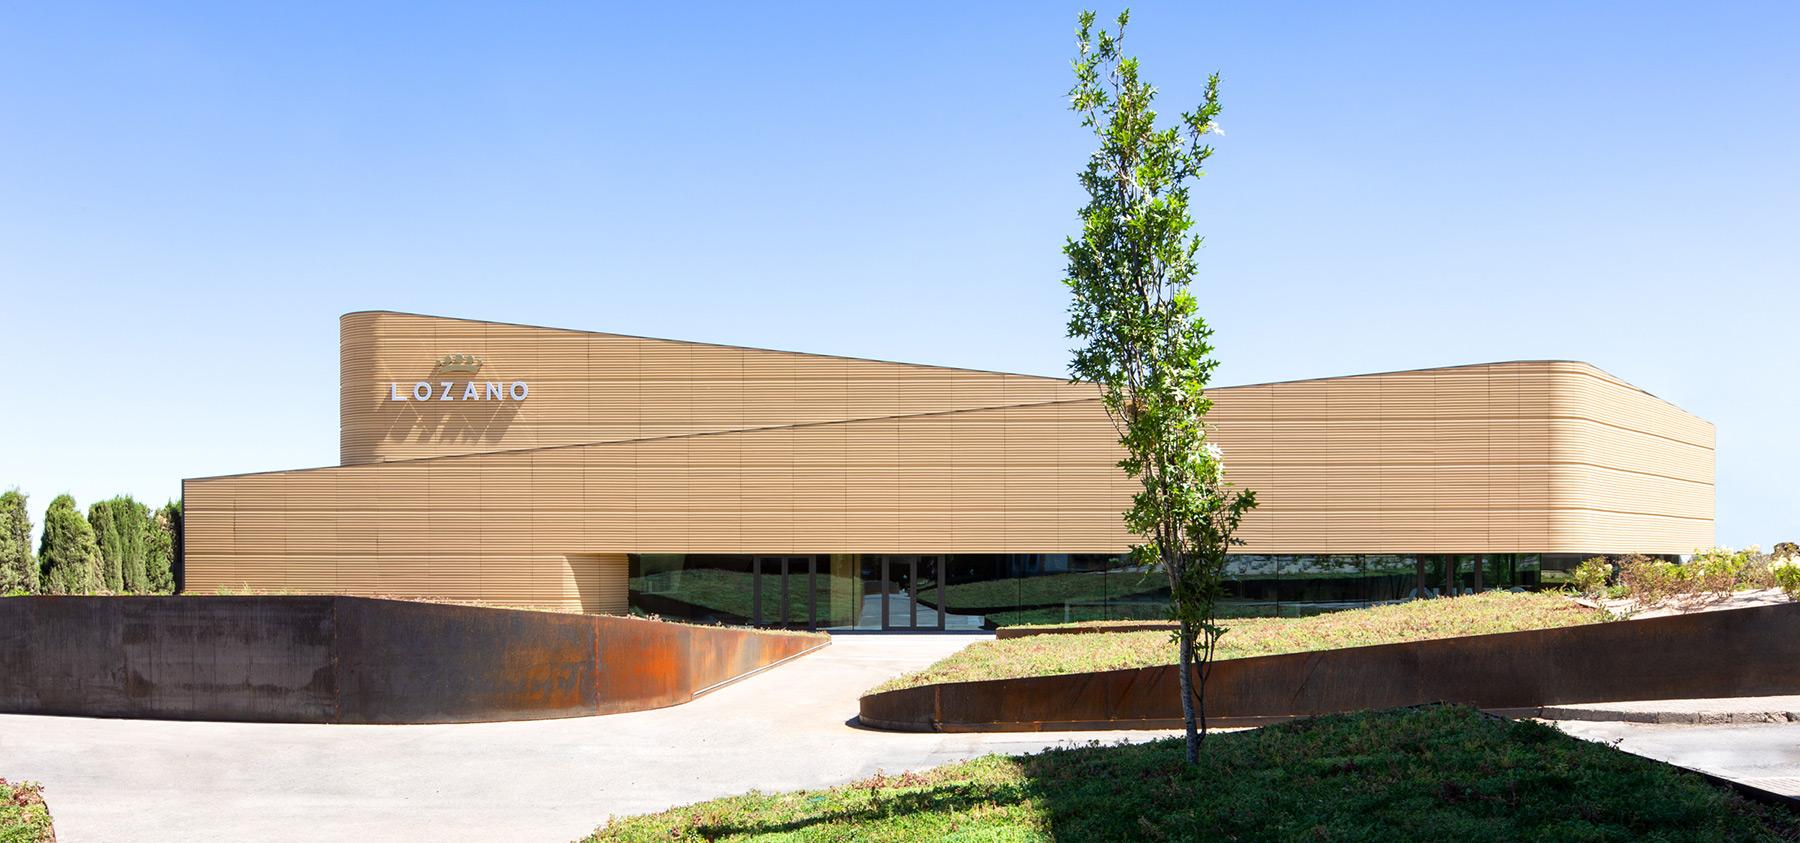 Bodega Albacete - La Mancha - Bodegas Lozano fachada